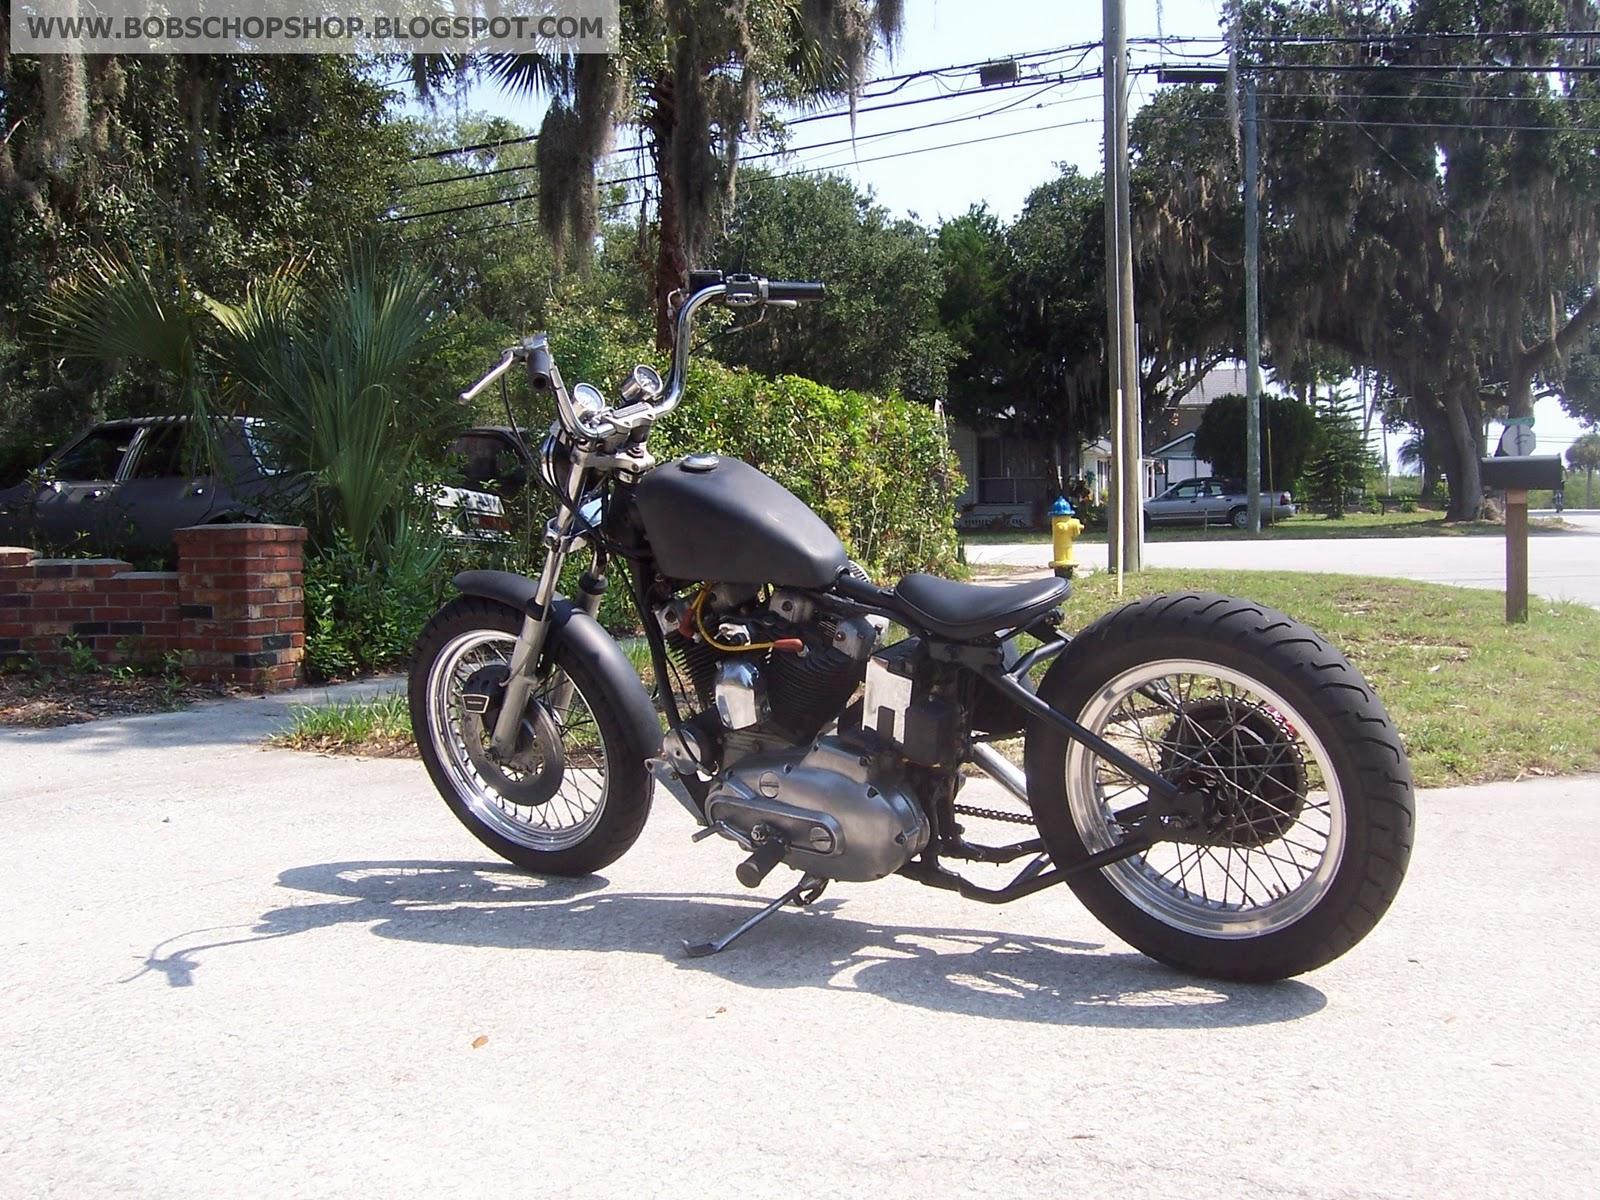 Harley Sportster Bobber Chopper   Free HD Wallpaper